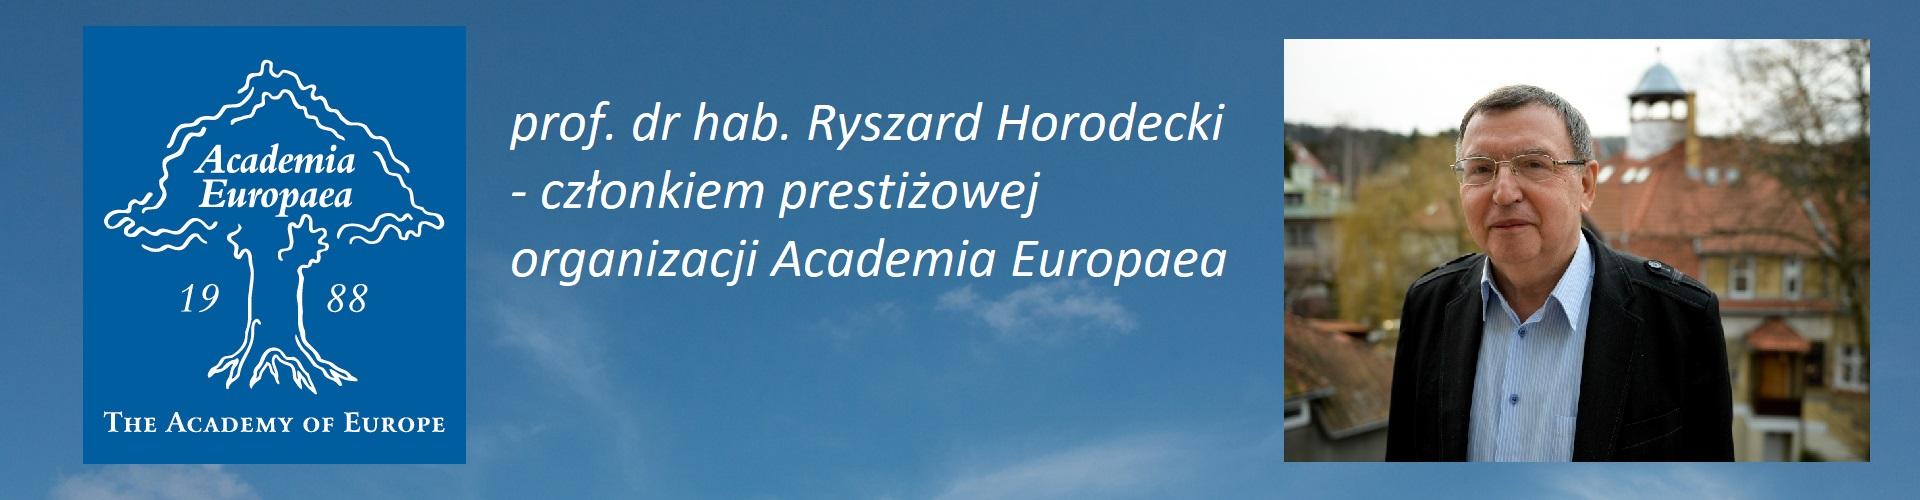 Zaszczytna funkcja dla prof. R. Horodeckiego